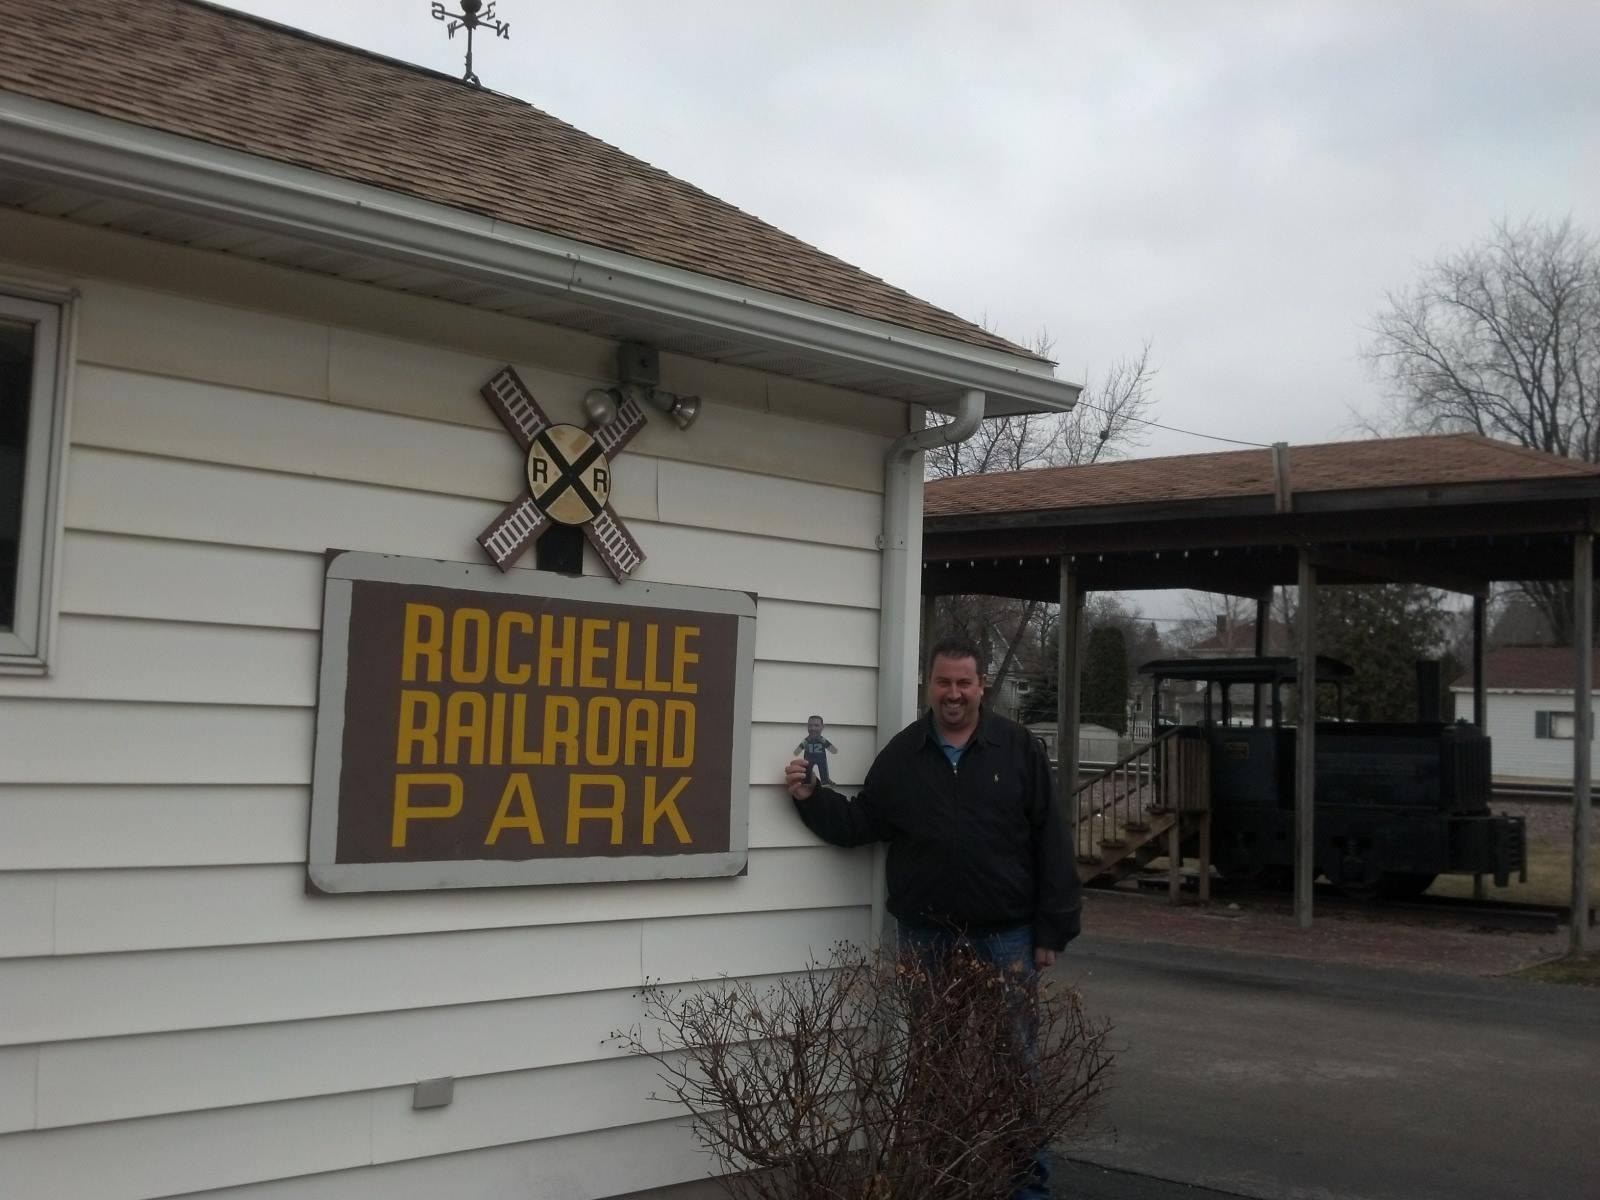 Mini Ben at Rochelle Railroad Park, Rochelle, Illinois